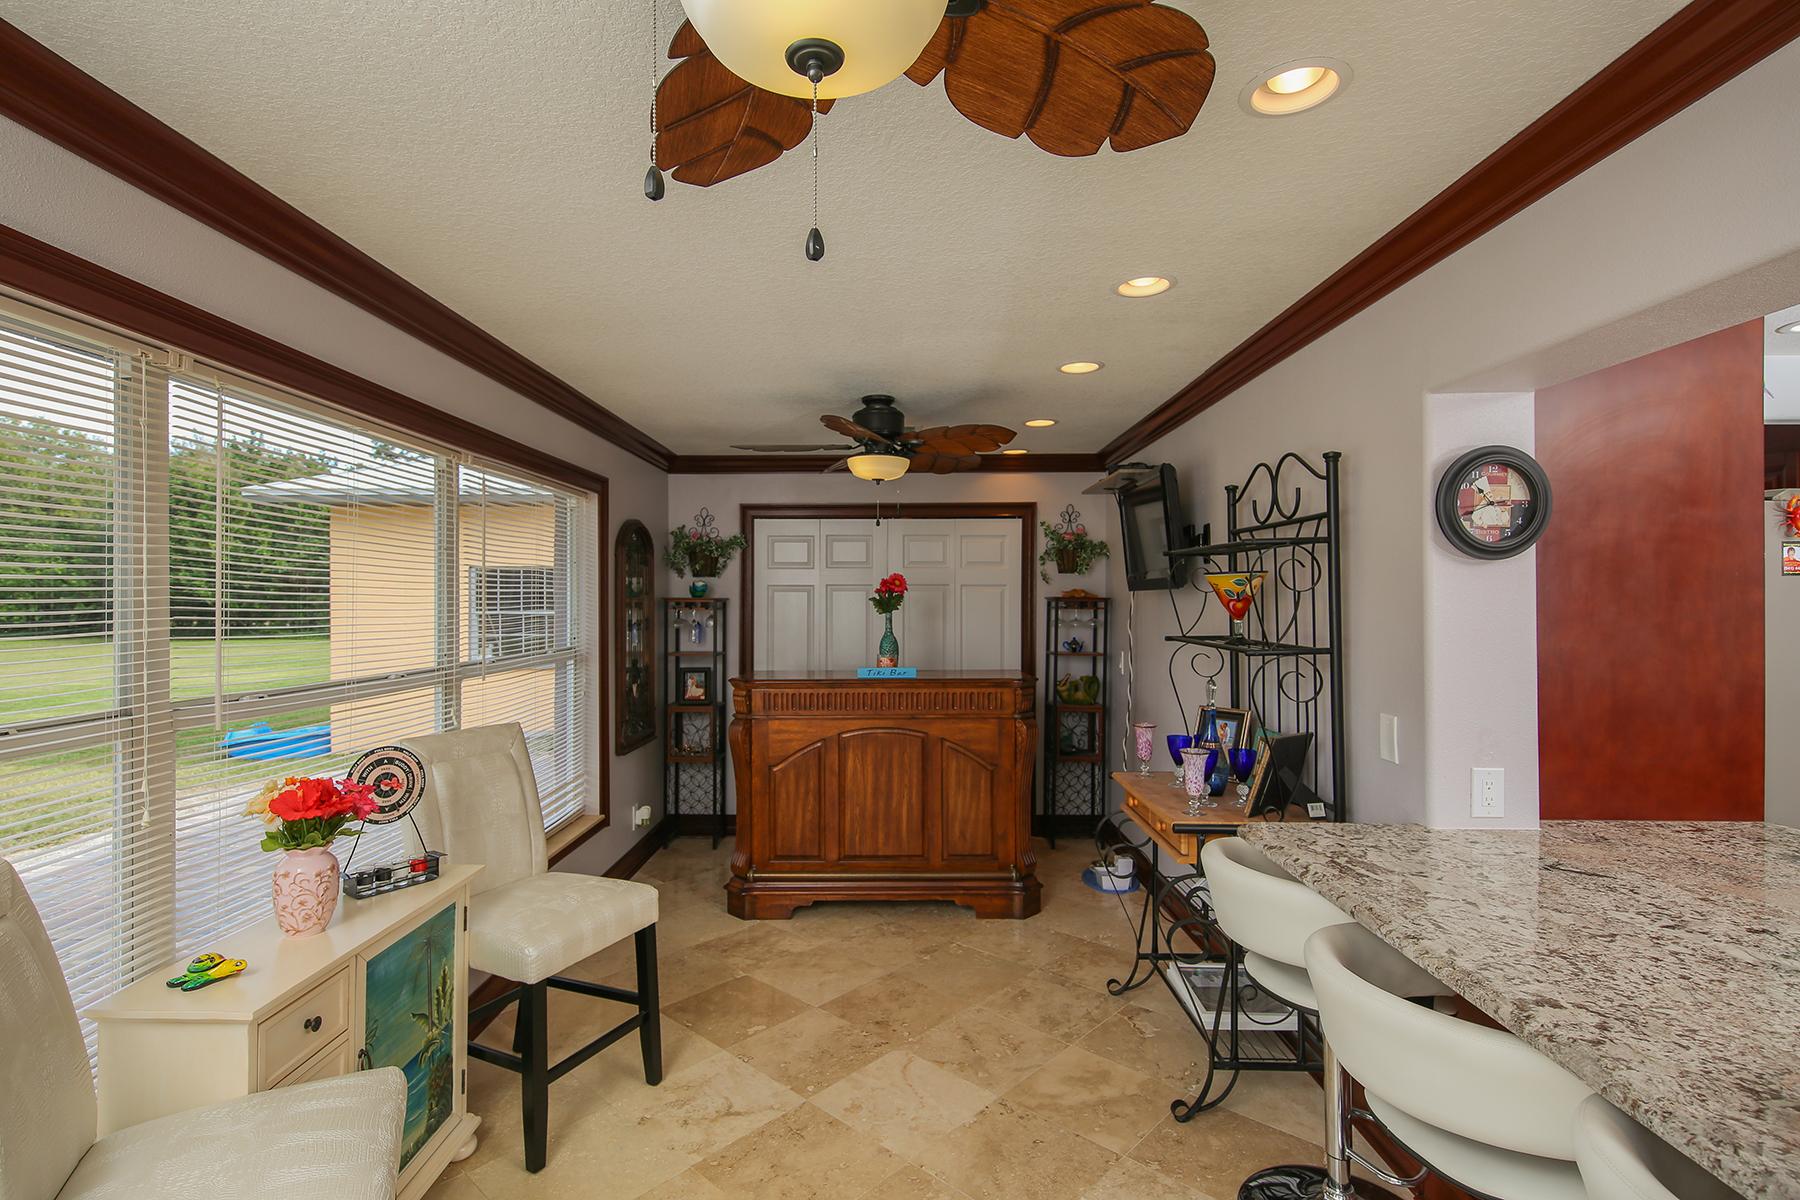 Частный односемейный дом для того Продажа на DESOTO ACRES 2447 49th St Sarasota, Флорида, 34234 Соединенные Штаты